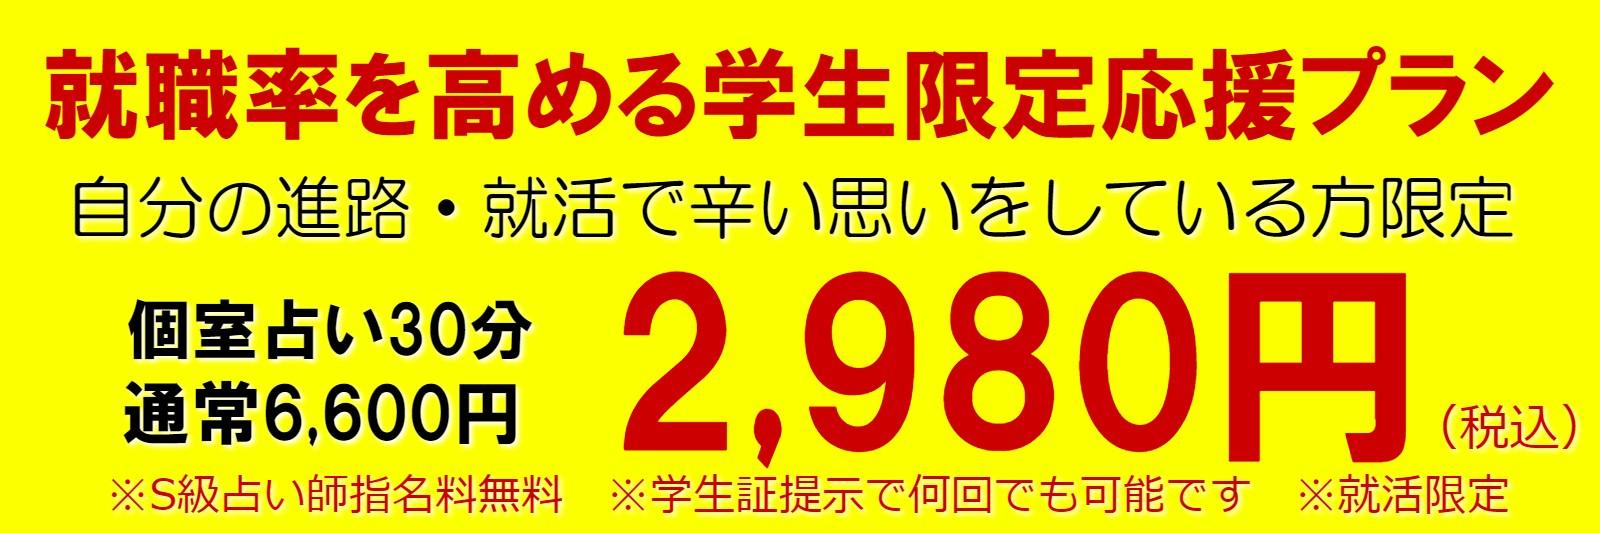 東京で就活占いなら就職率を高める個室占い30分プラン【2,980円】がオススメ!就活が「辛い」「疲れた」「不安」「何に向いているか分らない」など誰もがお悩む就活のお悩み限定の集中占いコースです!